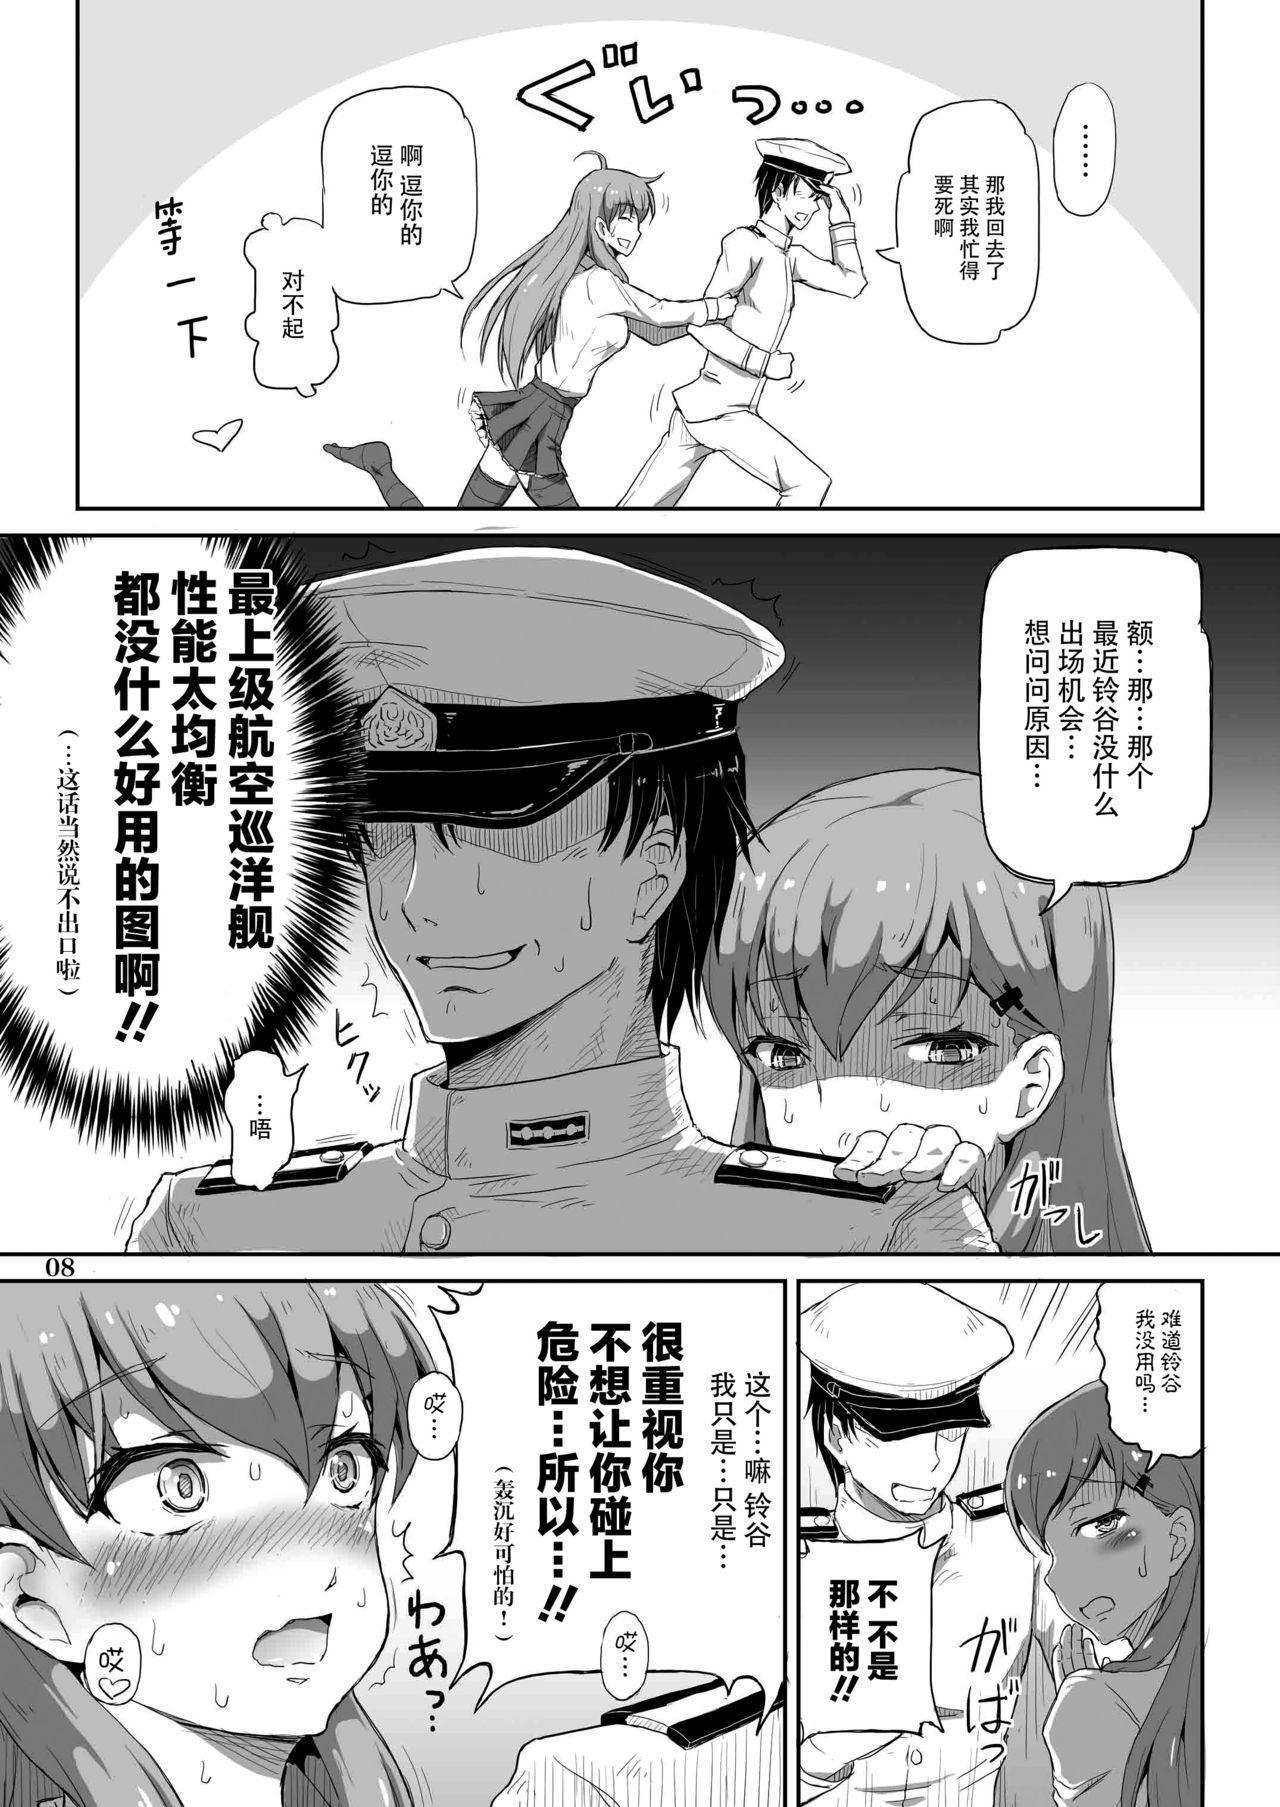 Teitokuu, Suzuya to Iikoto Shichau? 7